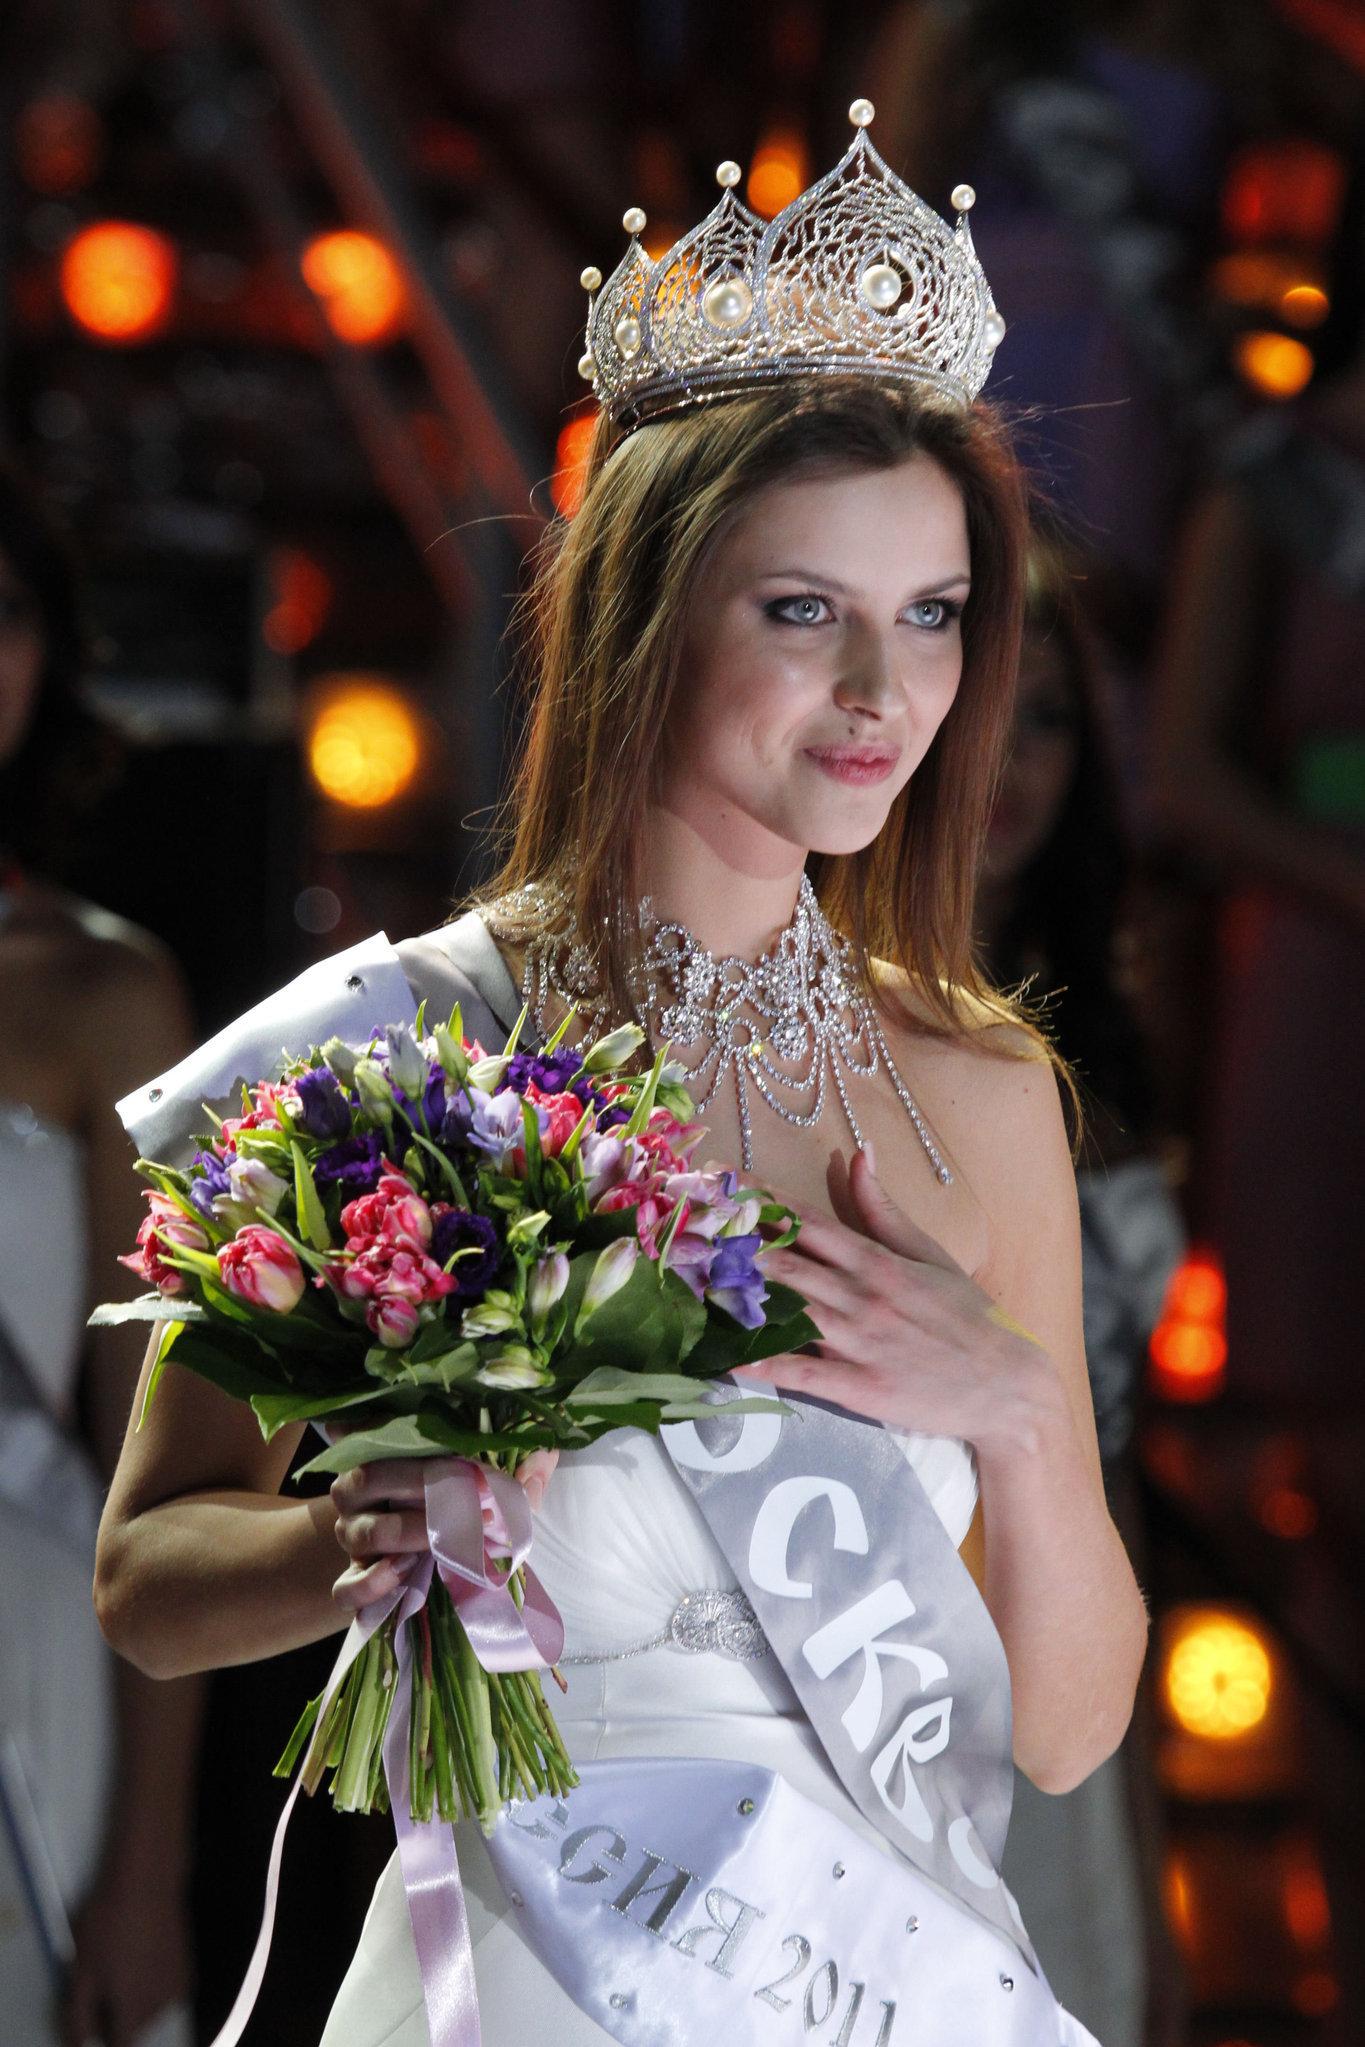 Natalia Gantimourova